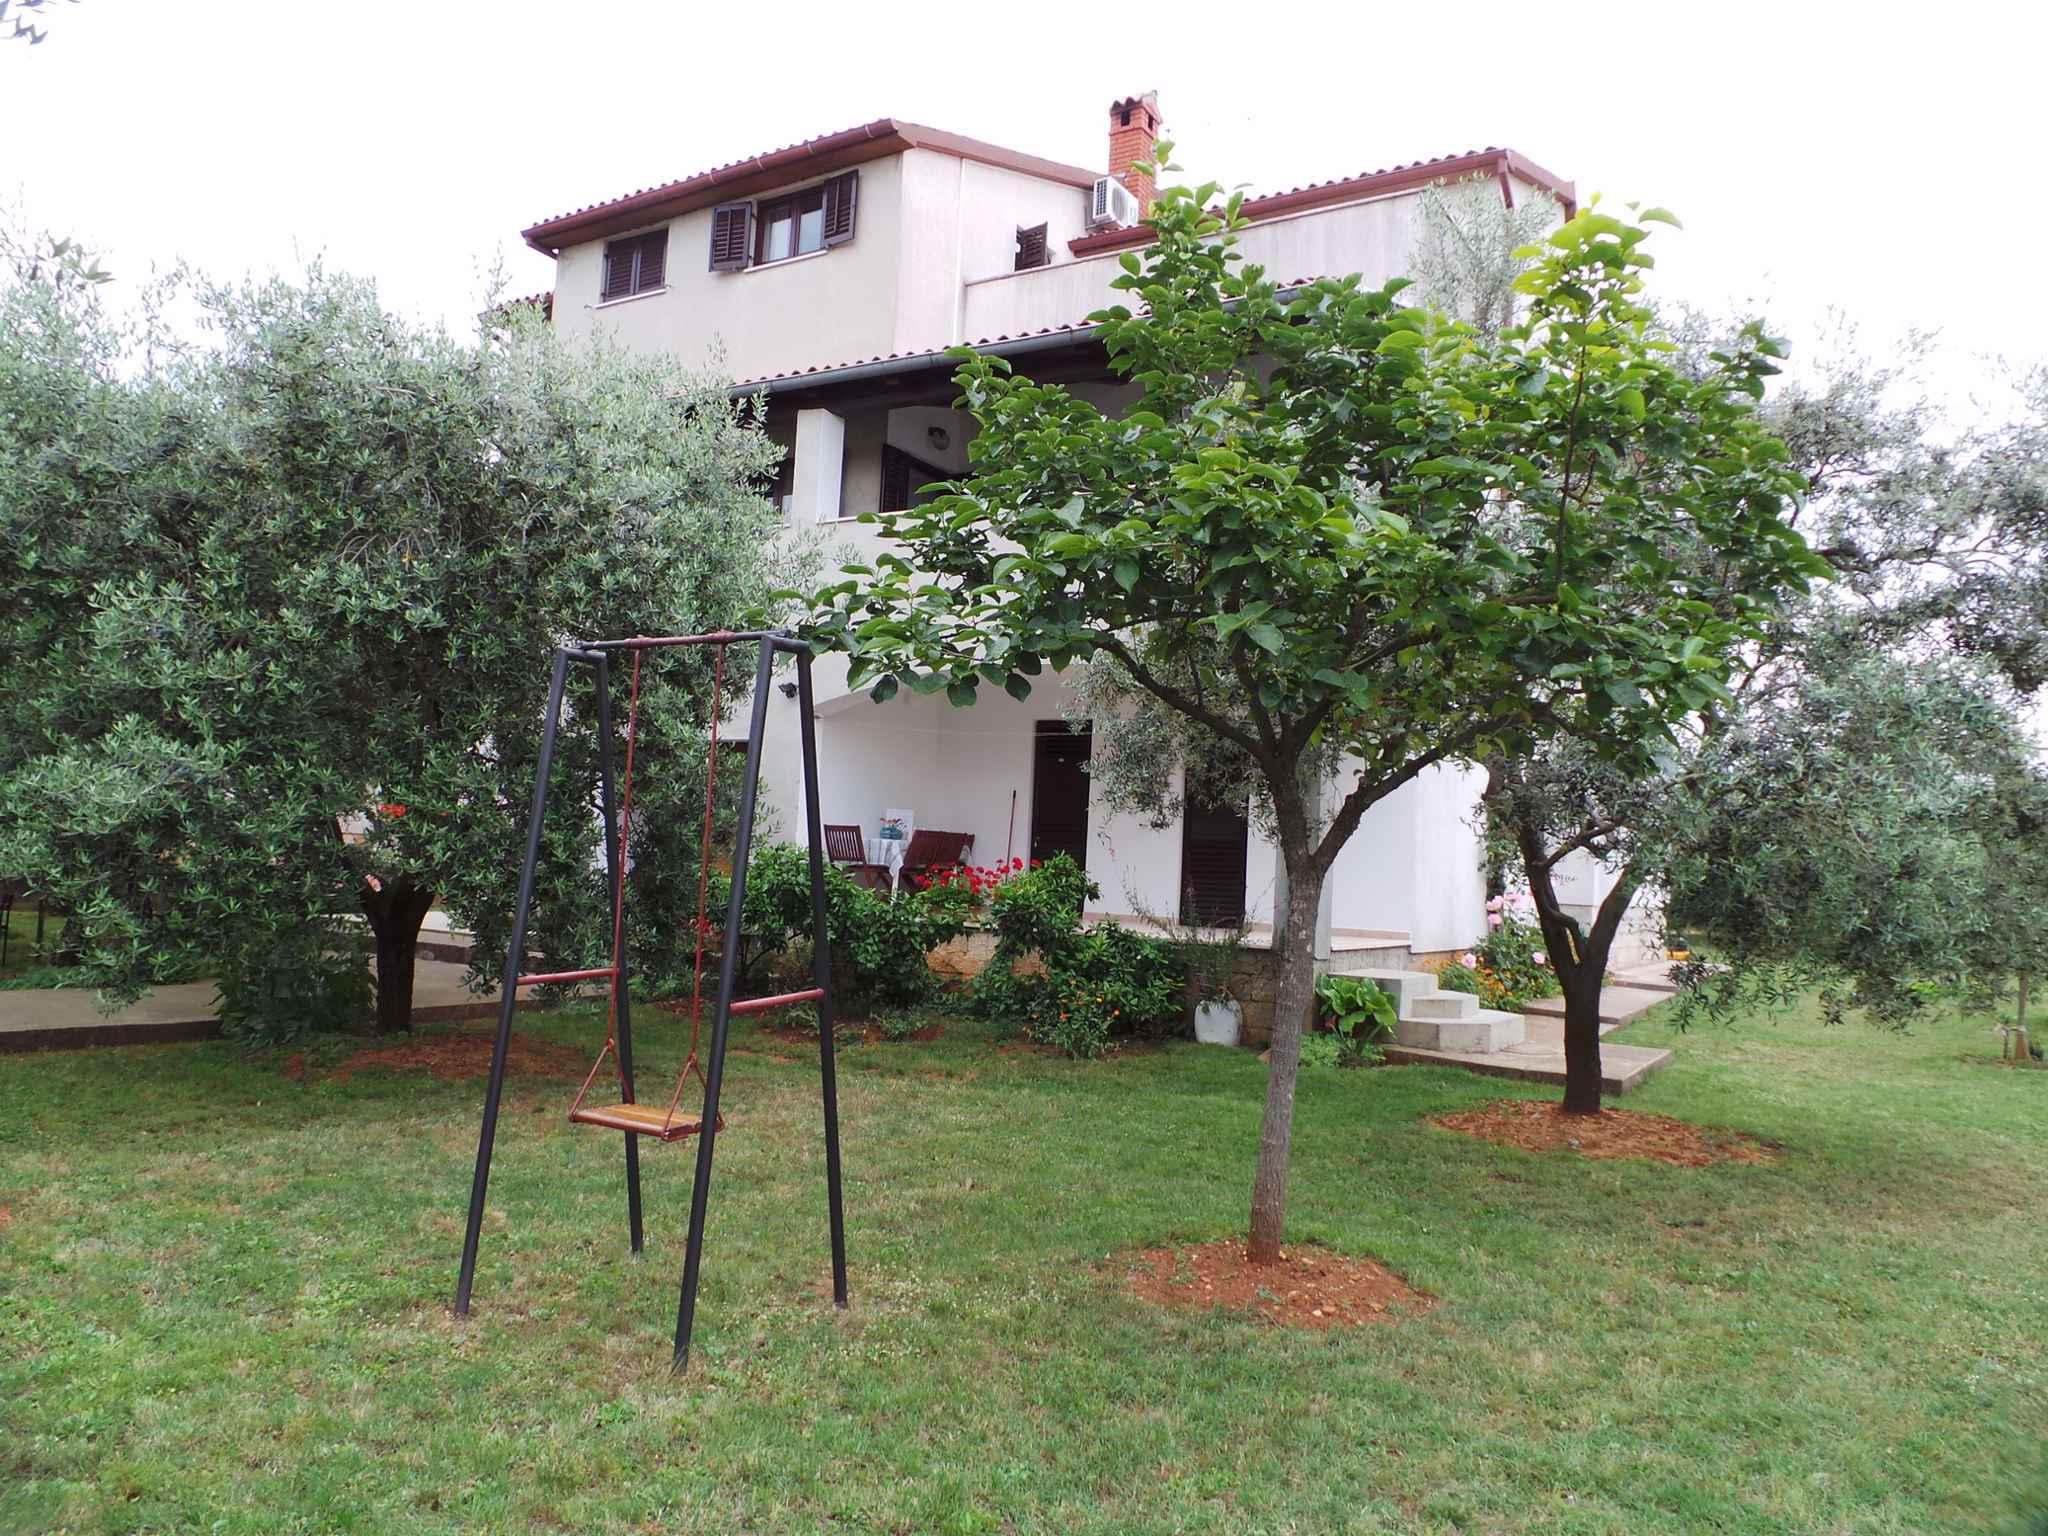 Ferienwohnung für Familie mit Kinder geeignet (279762), Fažana, , Istrien, Kroatien, Bild 1